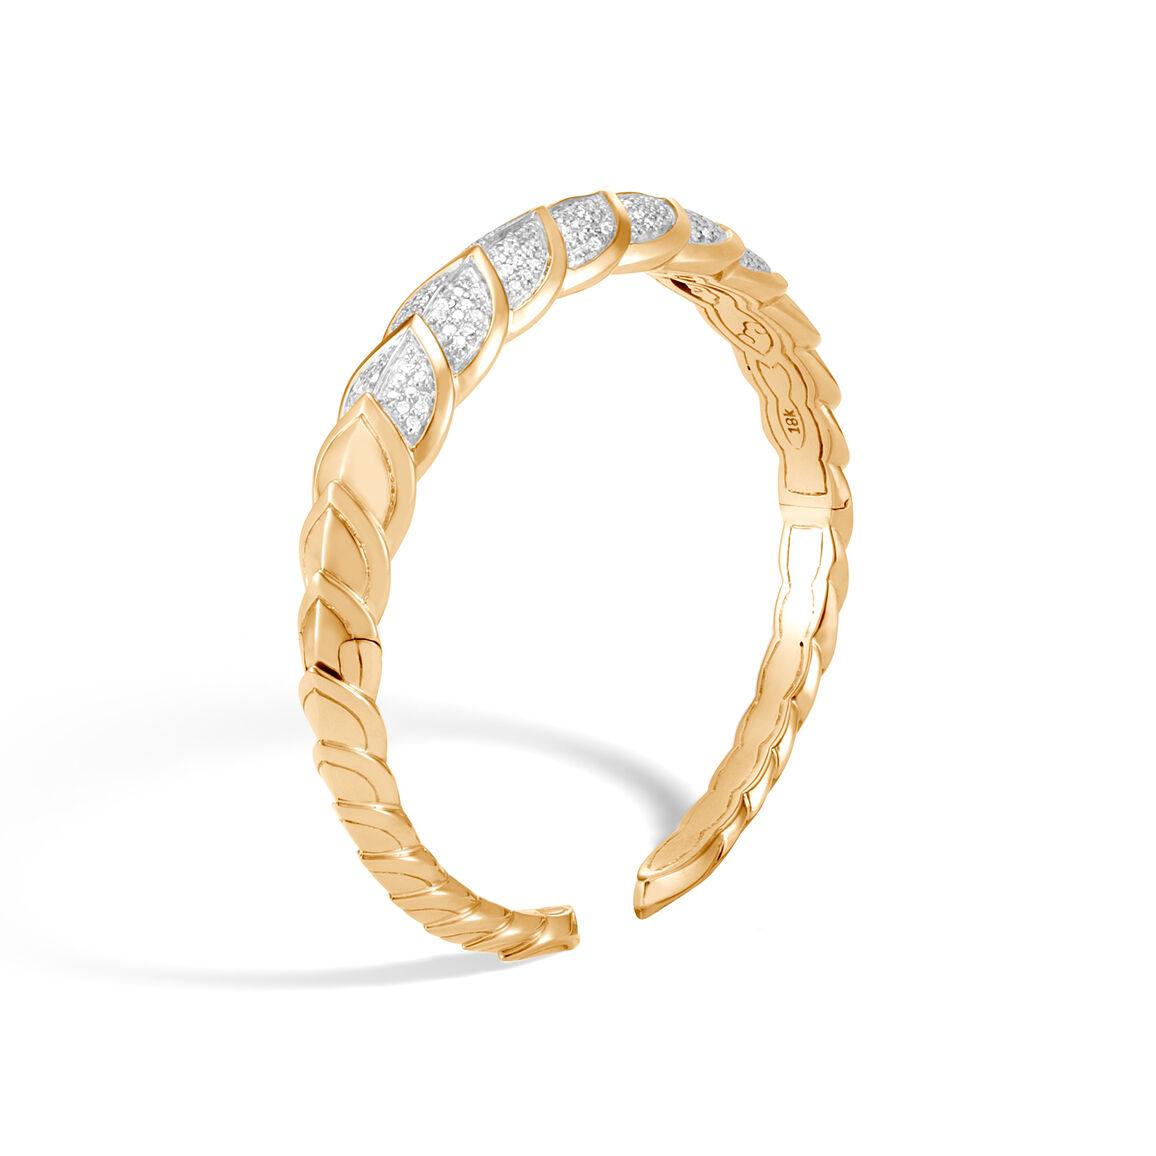 Legends Naga 9MM Cuff in 18K Gold with Diamonds